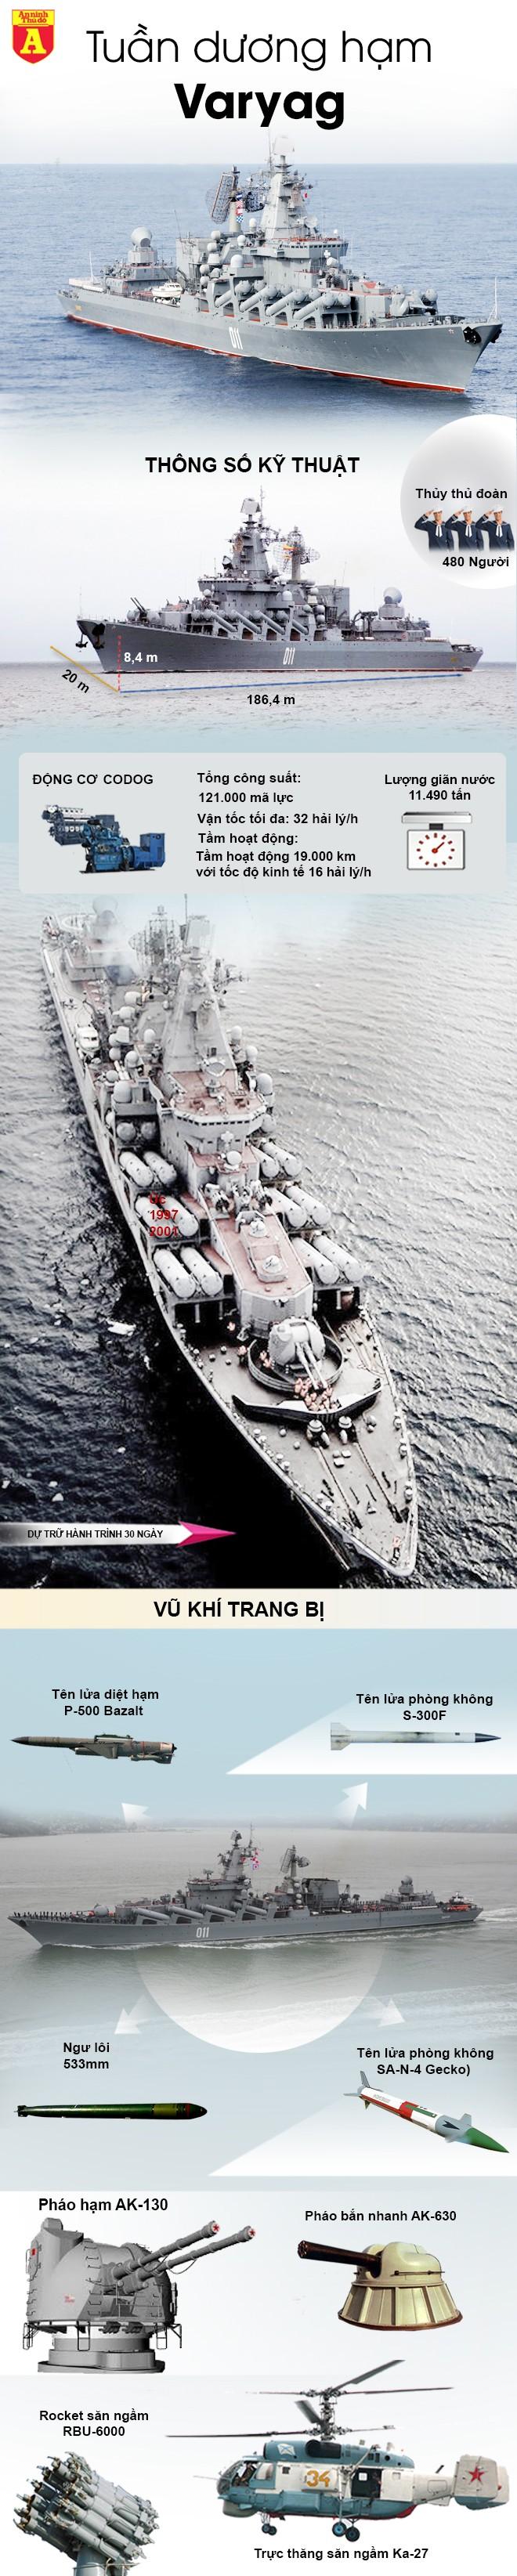 [Info] Tuần dương hạm Varyag cực mạnh của Nga tới Biển Đông ảnh 3